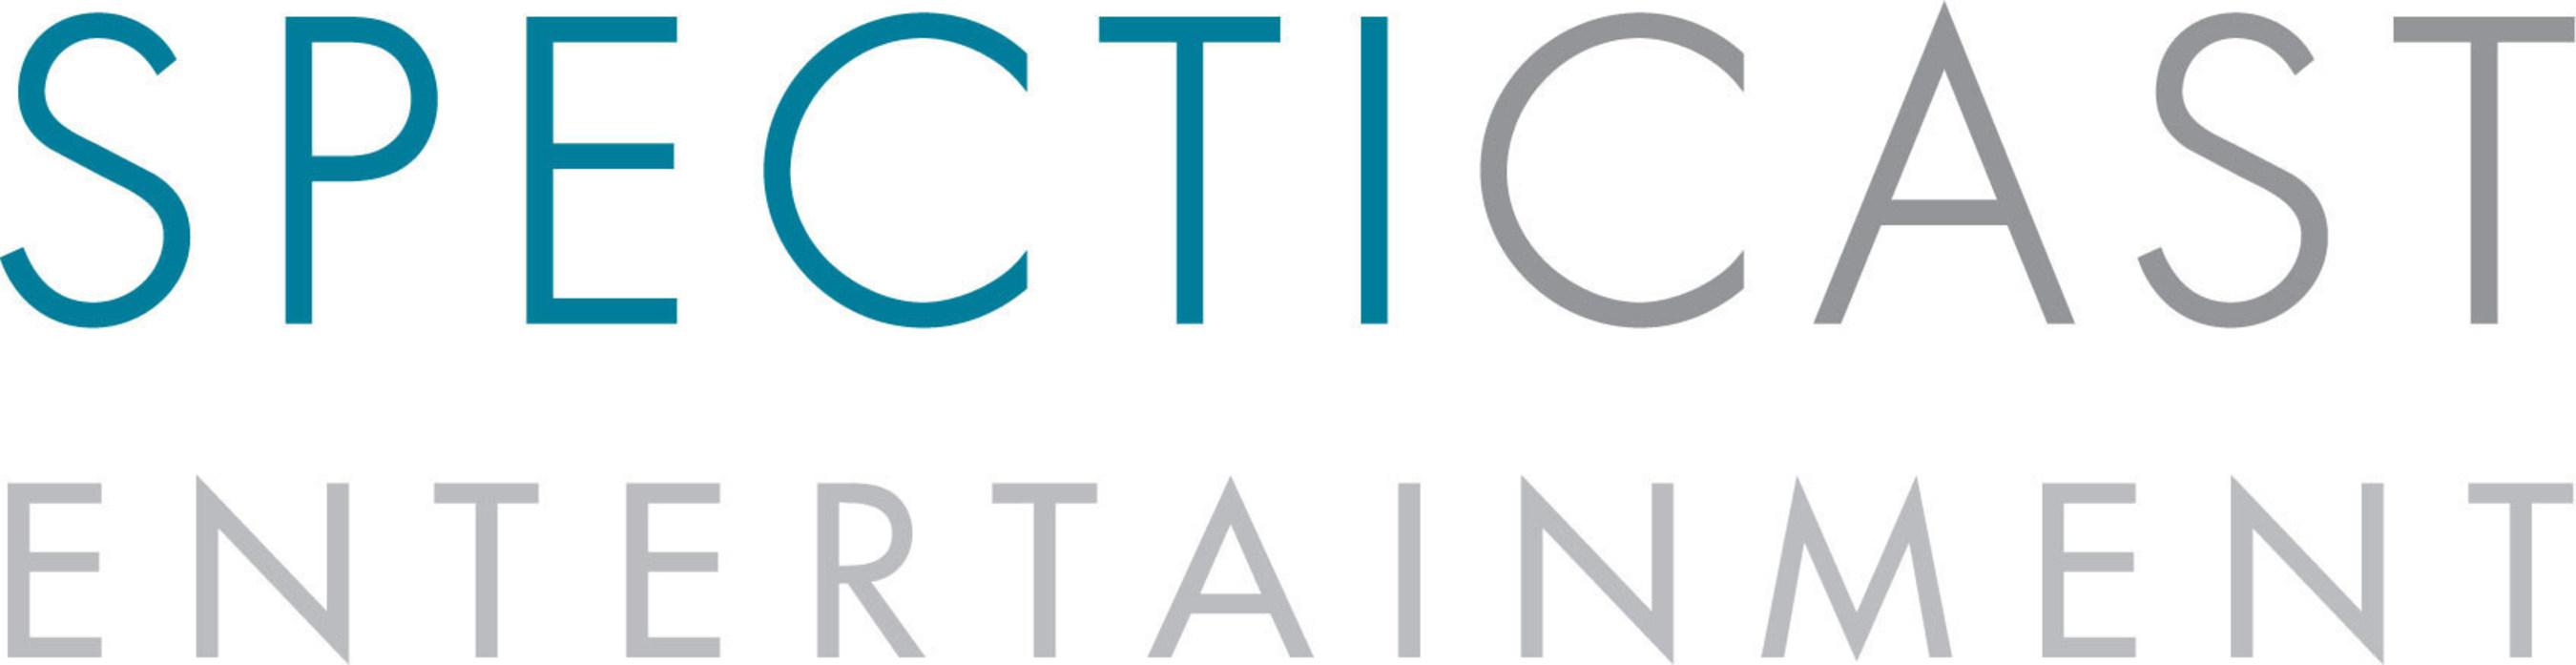 SpectiCast Entertainment Logo